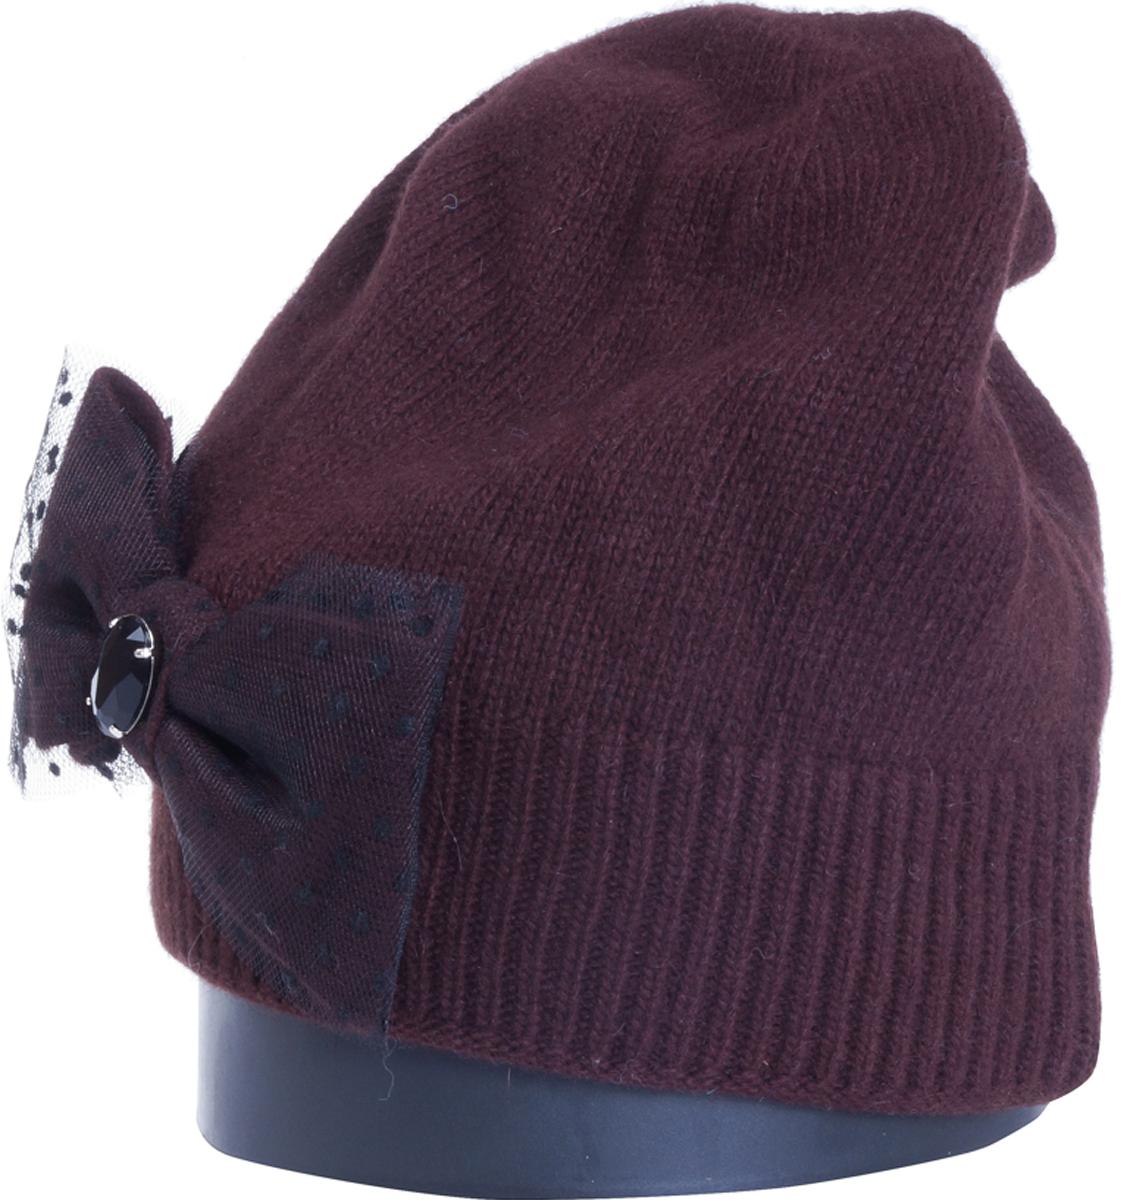 Шапка женская Vittorio Richi, цвет: коричневый. Aut361881L-85/17. Размер 56/58Aut361881LСтильная женская шапка Vittorio Richi отлично дополнит ваш образ в холодную погоду. Модель, изготовленная из высококачественных материалов, максимально сохраняет тепло и обеспечивает удобную посадку. Шапка дополнена сбоку декоративным бантом. Привлекательная стильная шапка подчеркнет ваш неповторимый стиль и индивидуальность.